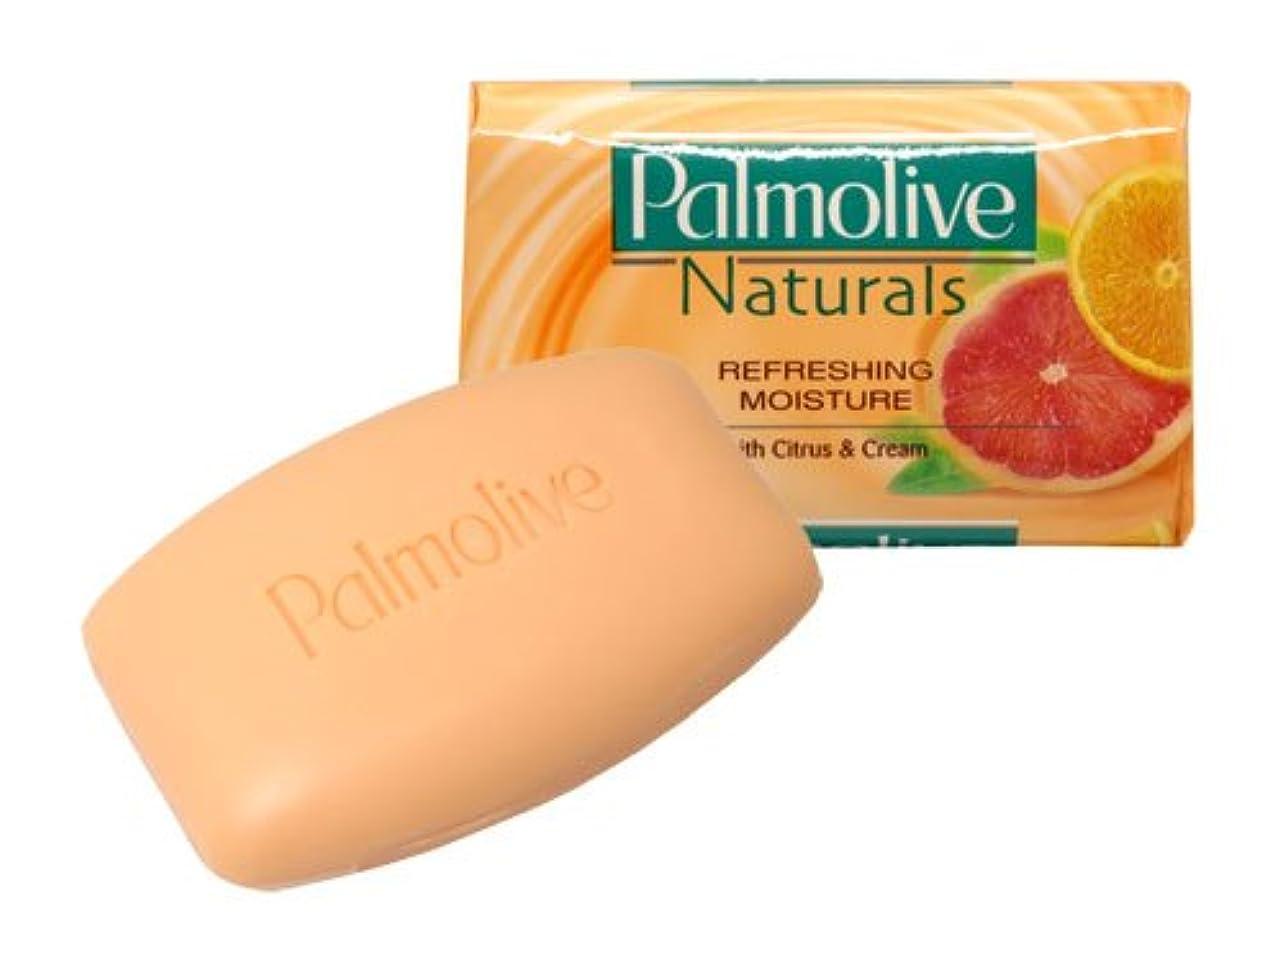 であるマティスチューインガム【Palmolive】パルモリーブ ナチュラルズ石鹸3個パック(シトラス&クリーム)